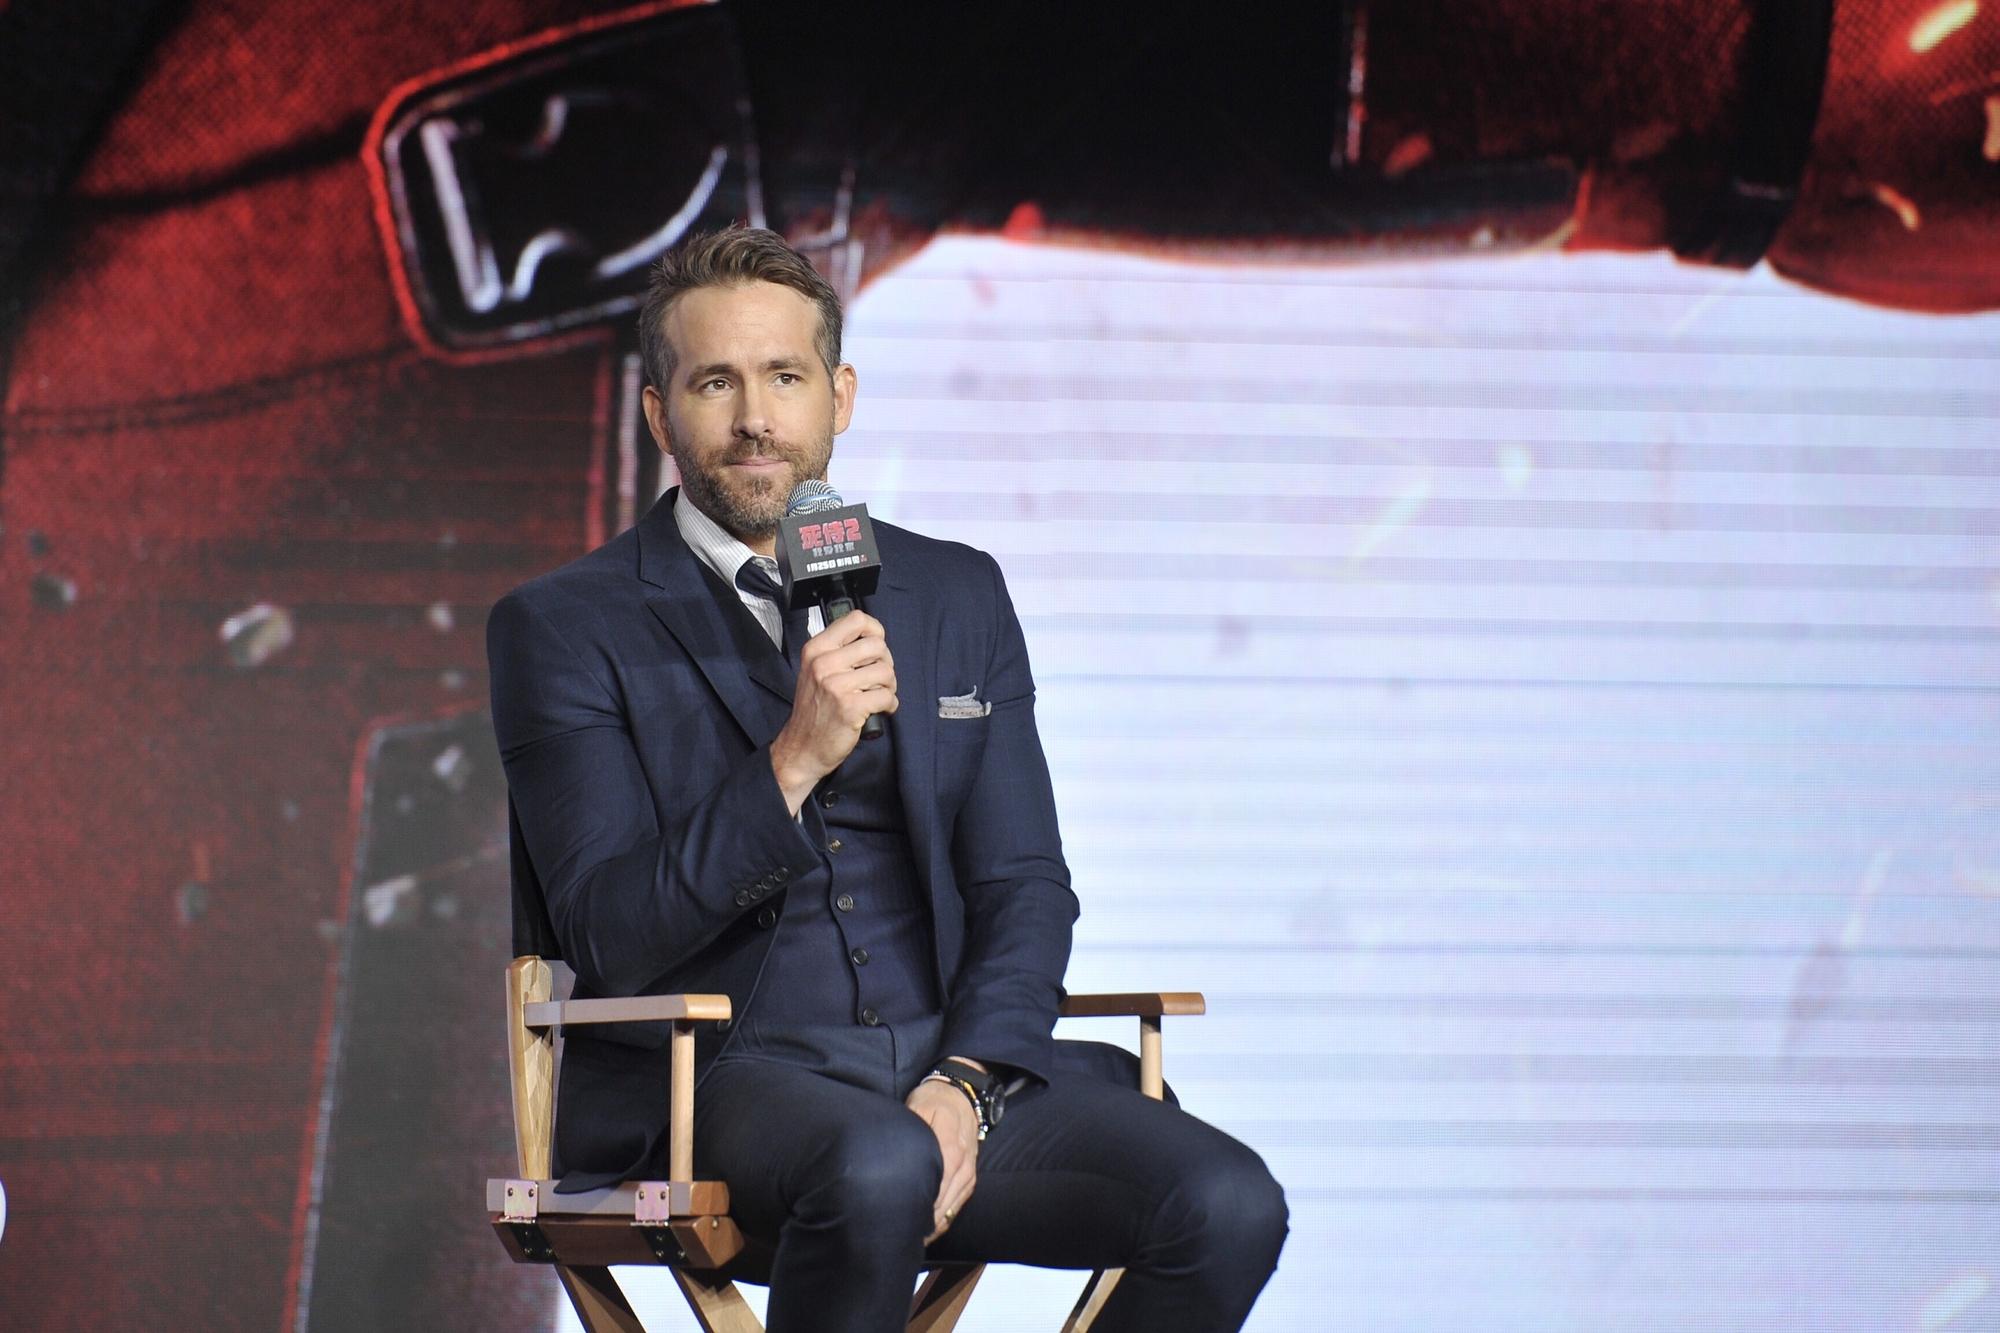 Райан Рейнольдс признался, что не смотрел фильм «Зеленый Фонарь» с ним в главной роли